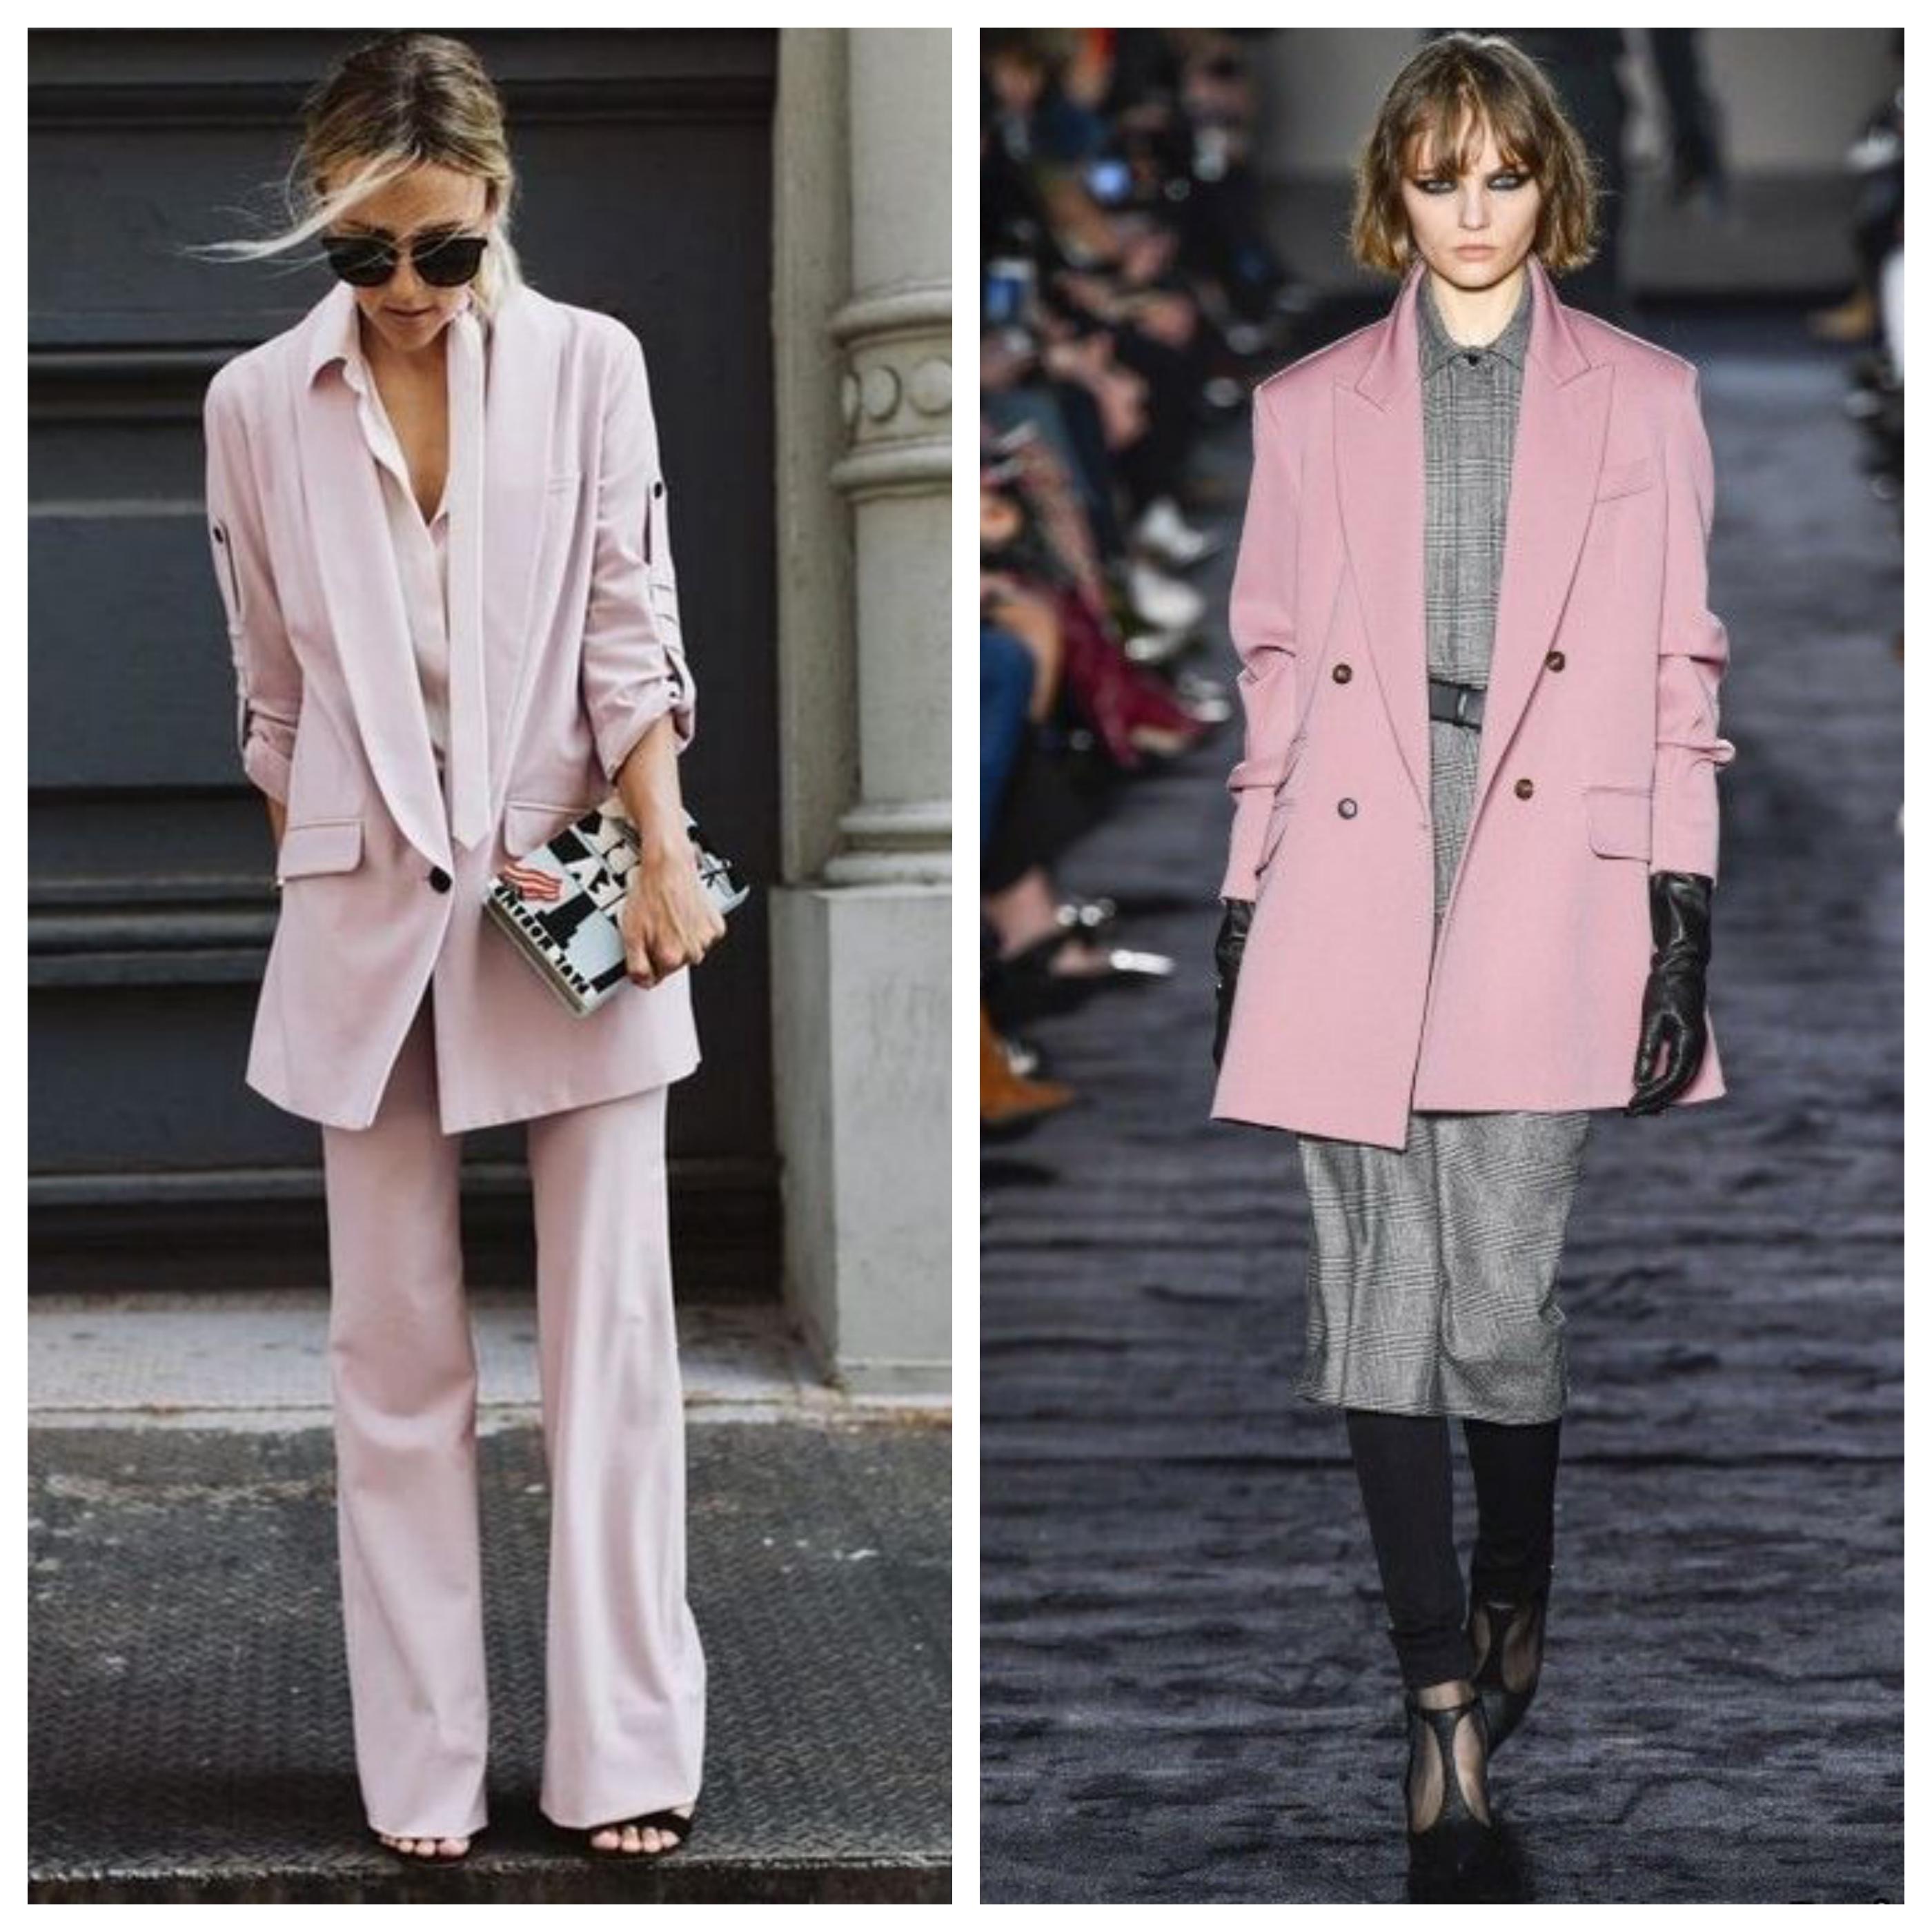 2019 год - Модные пиджаки и жакеты 2019 - Икона стиля